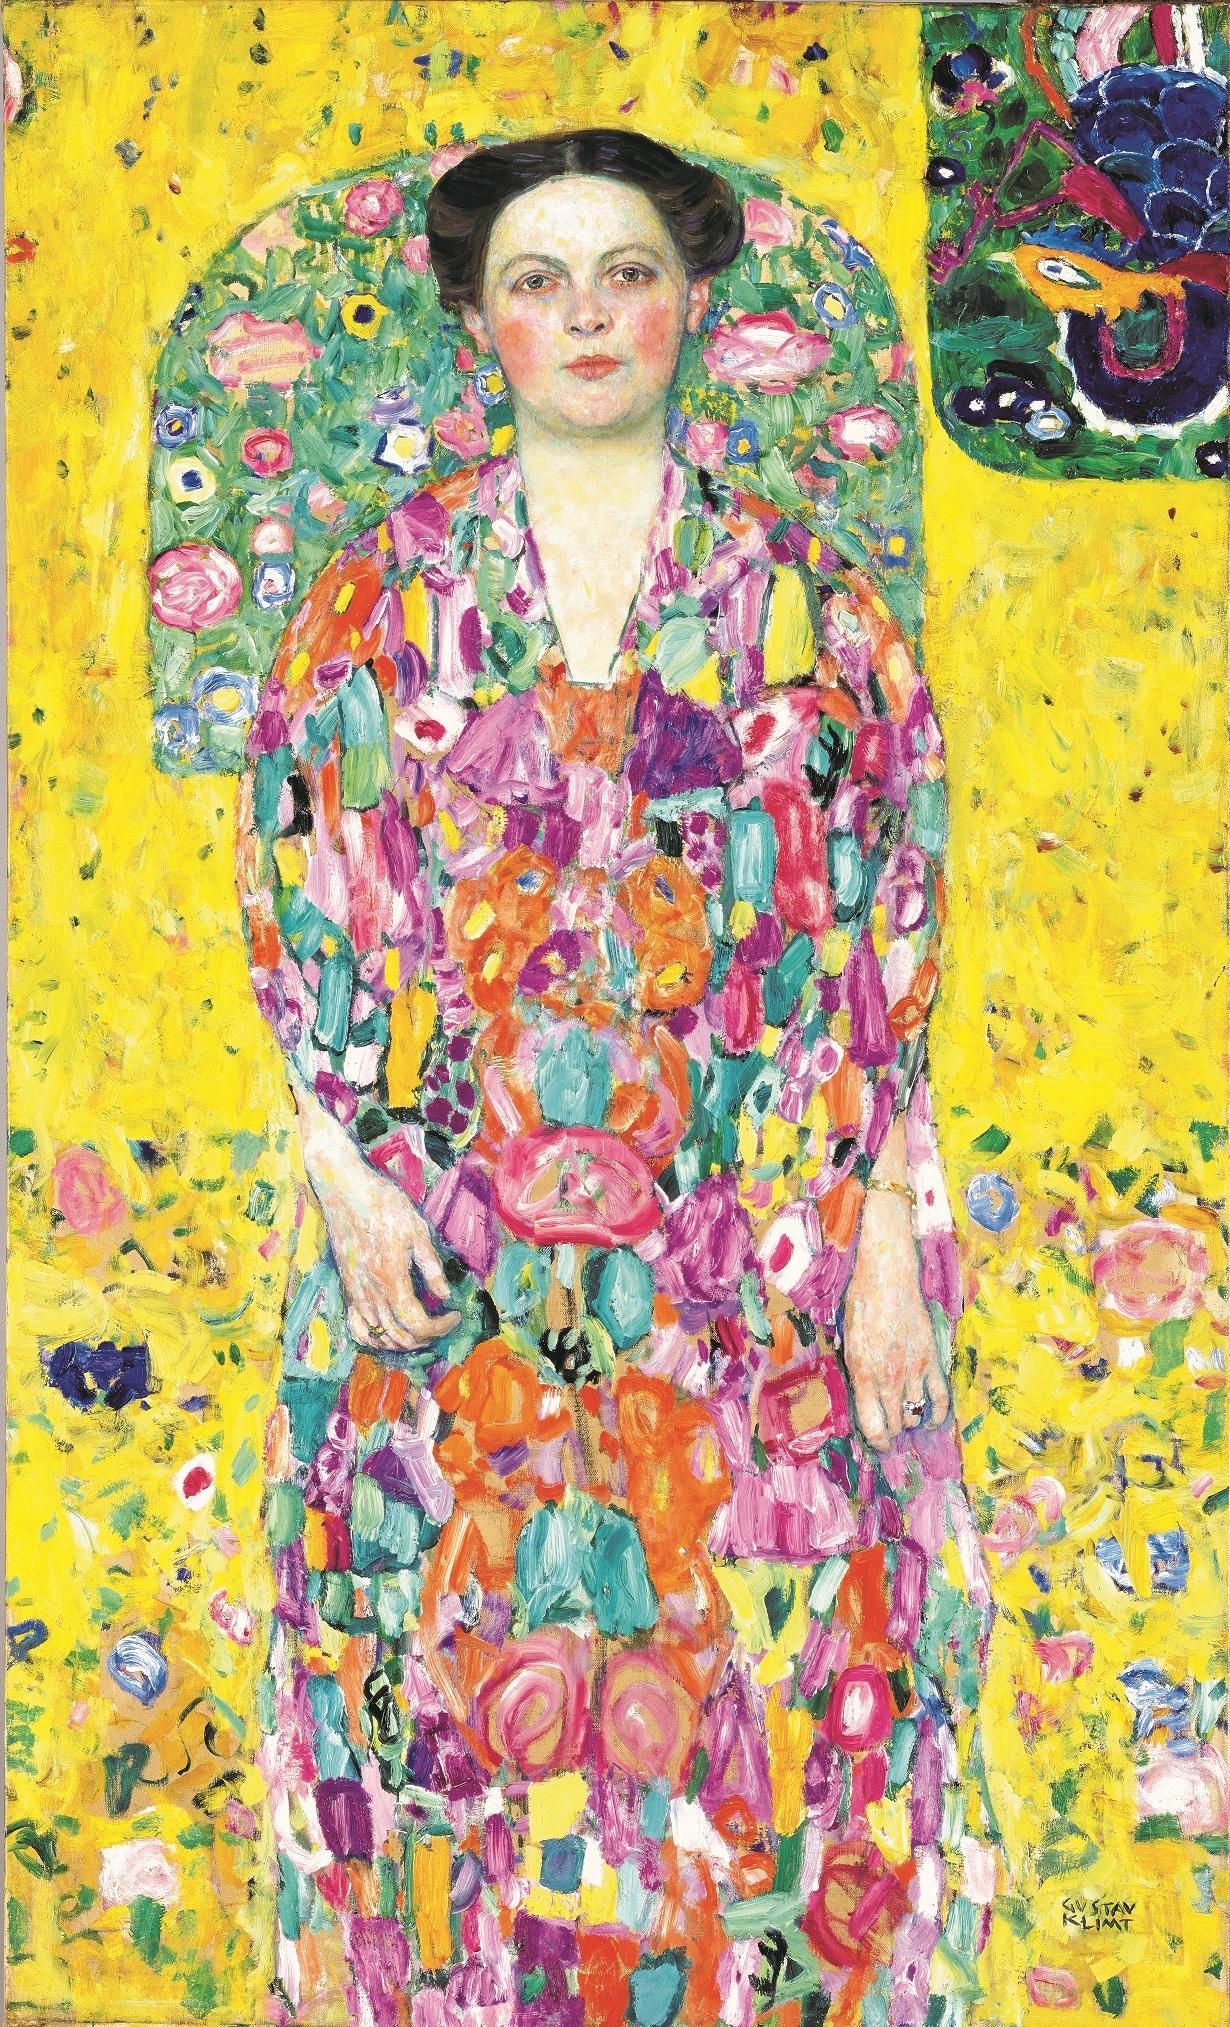 グスタフ・クリムト《オイゲニア・プリマフェージの肖像》 1913/1914年 油彩、カンヴァス 140 x 85 cm 豊田市美術館